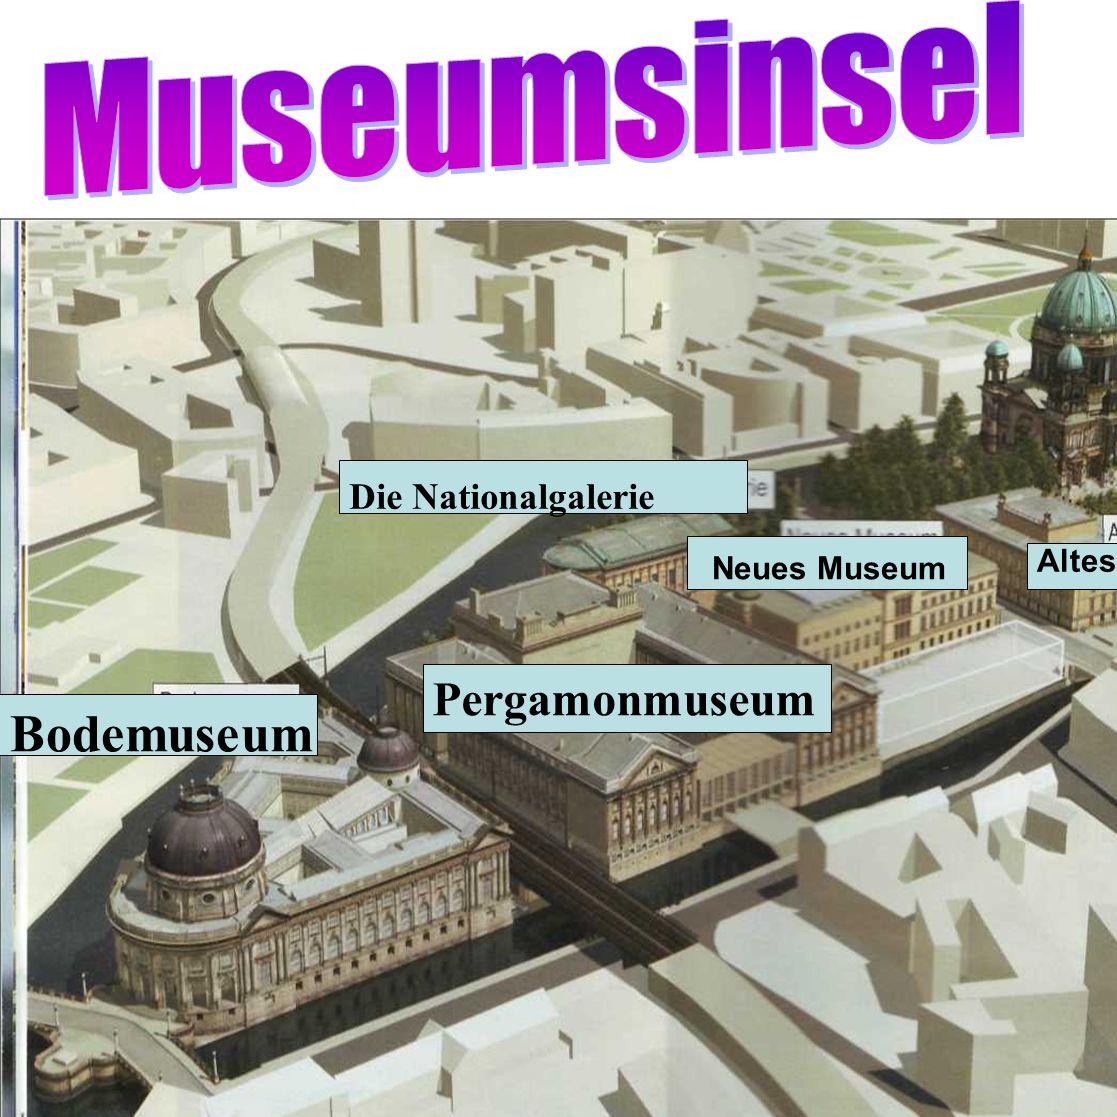 Bodemuseum Museumsinsel Pergamonmuseum Die Nationalgalerie